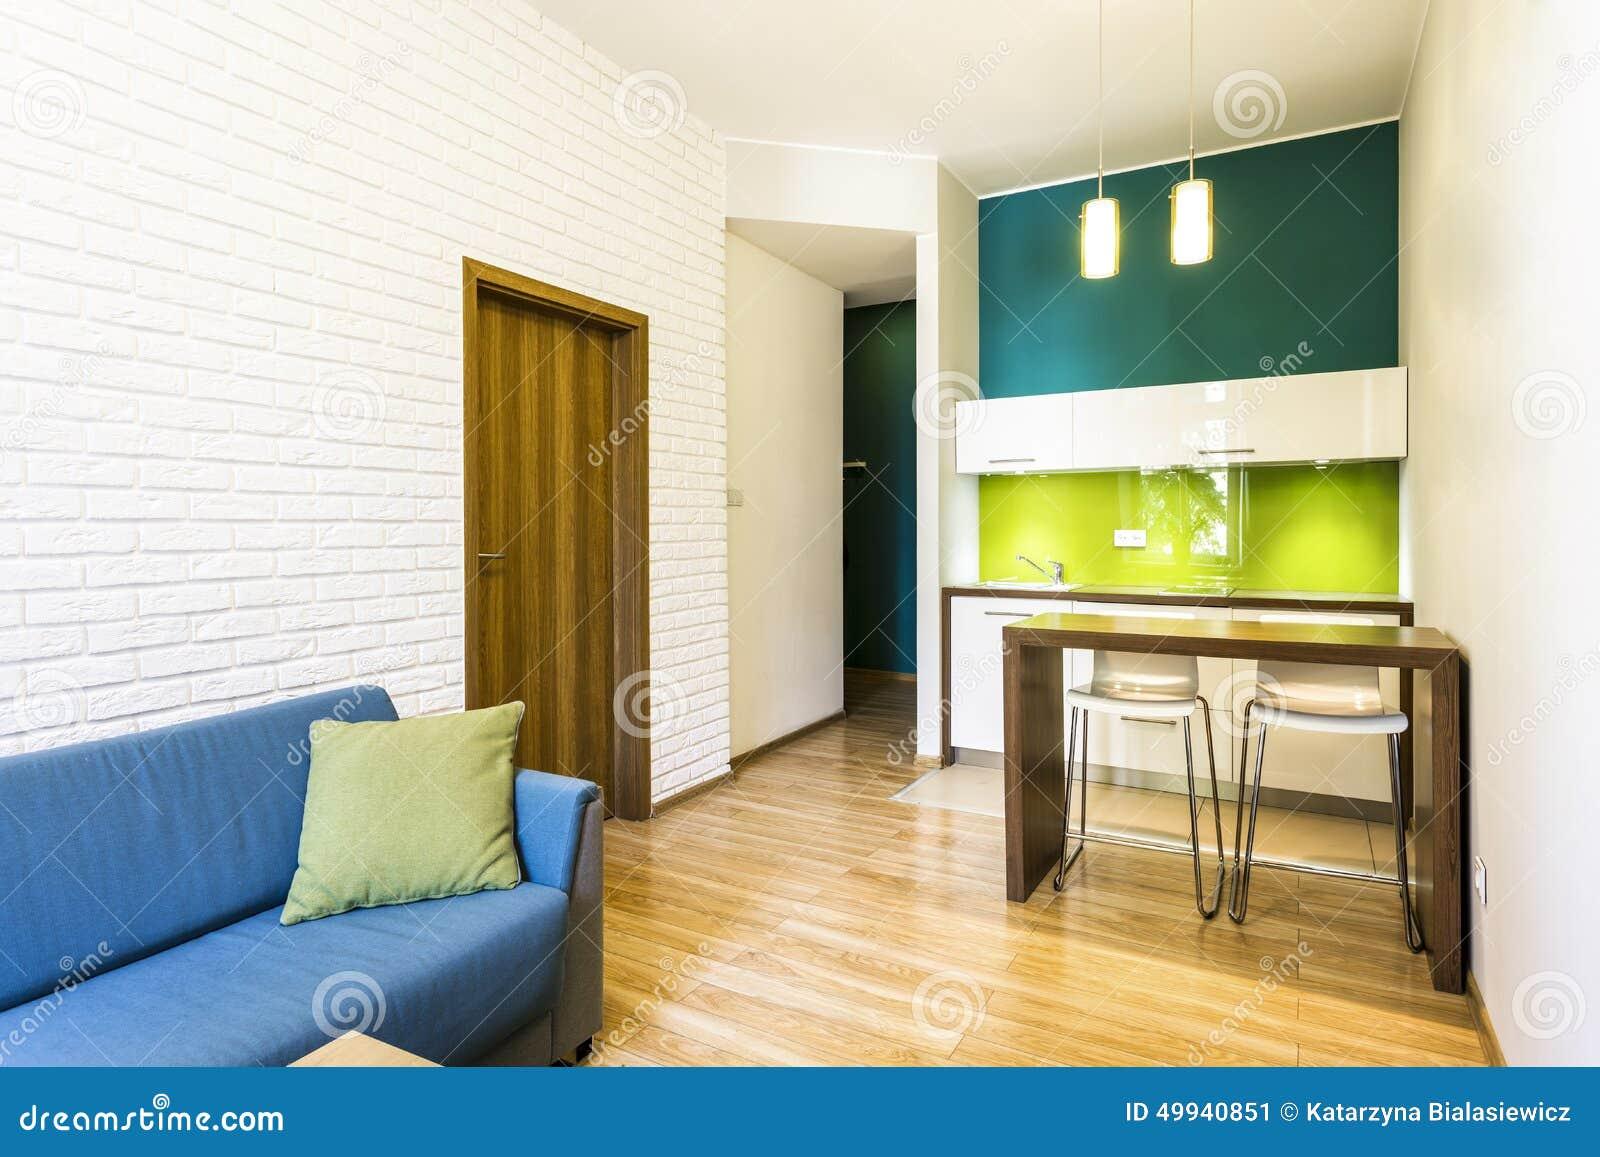 Kleines Wohnzimmer Mit Grüner Kochnische Stockbild - Bild von ...